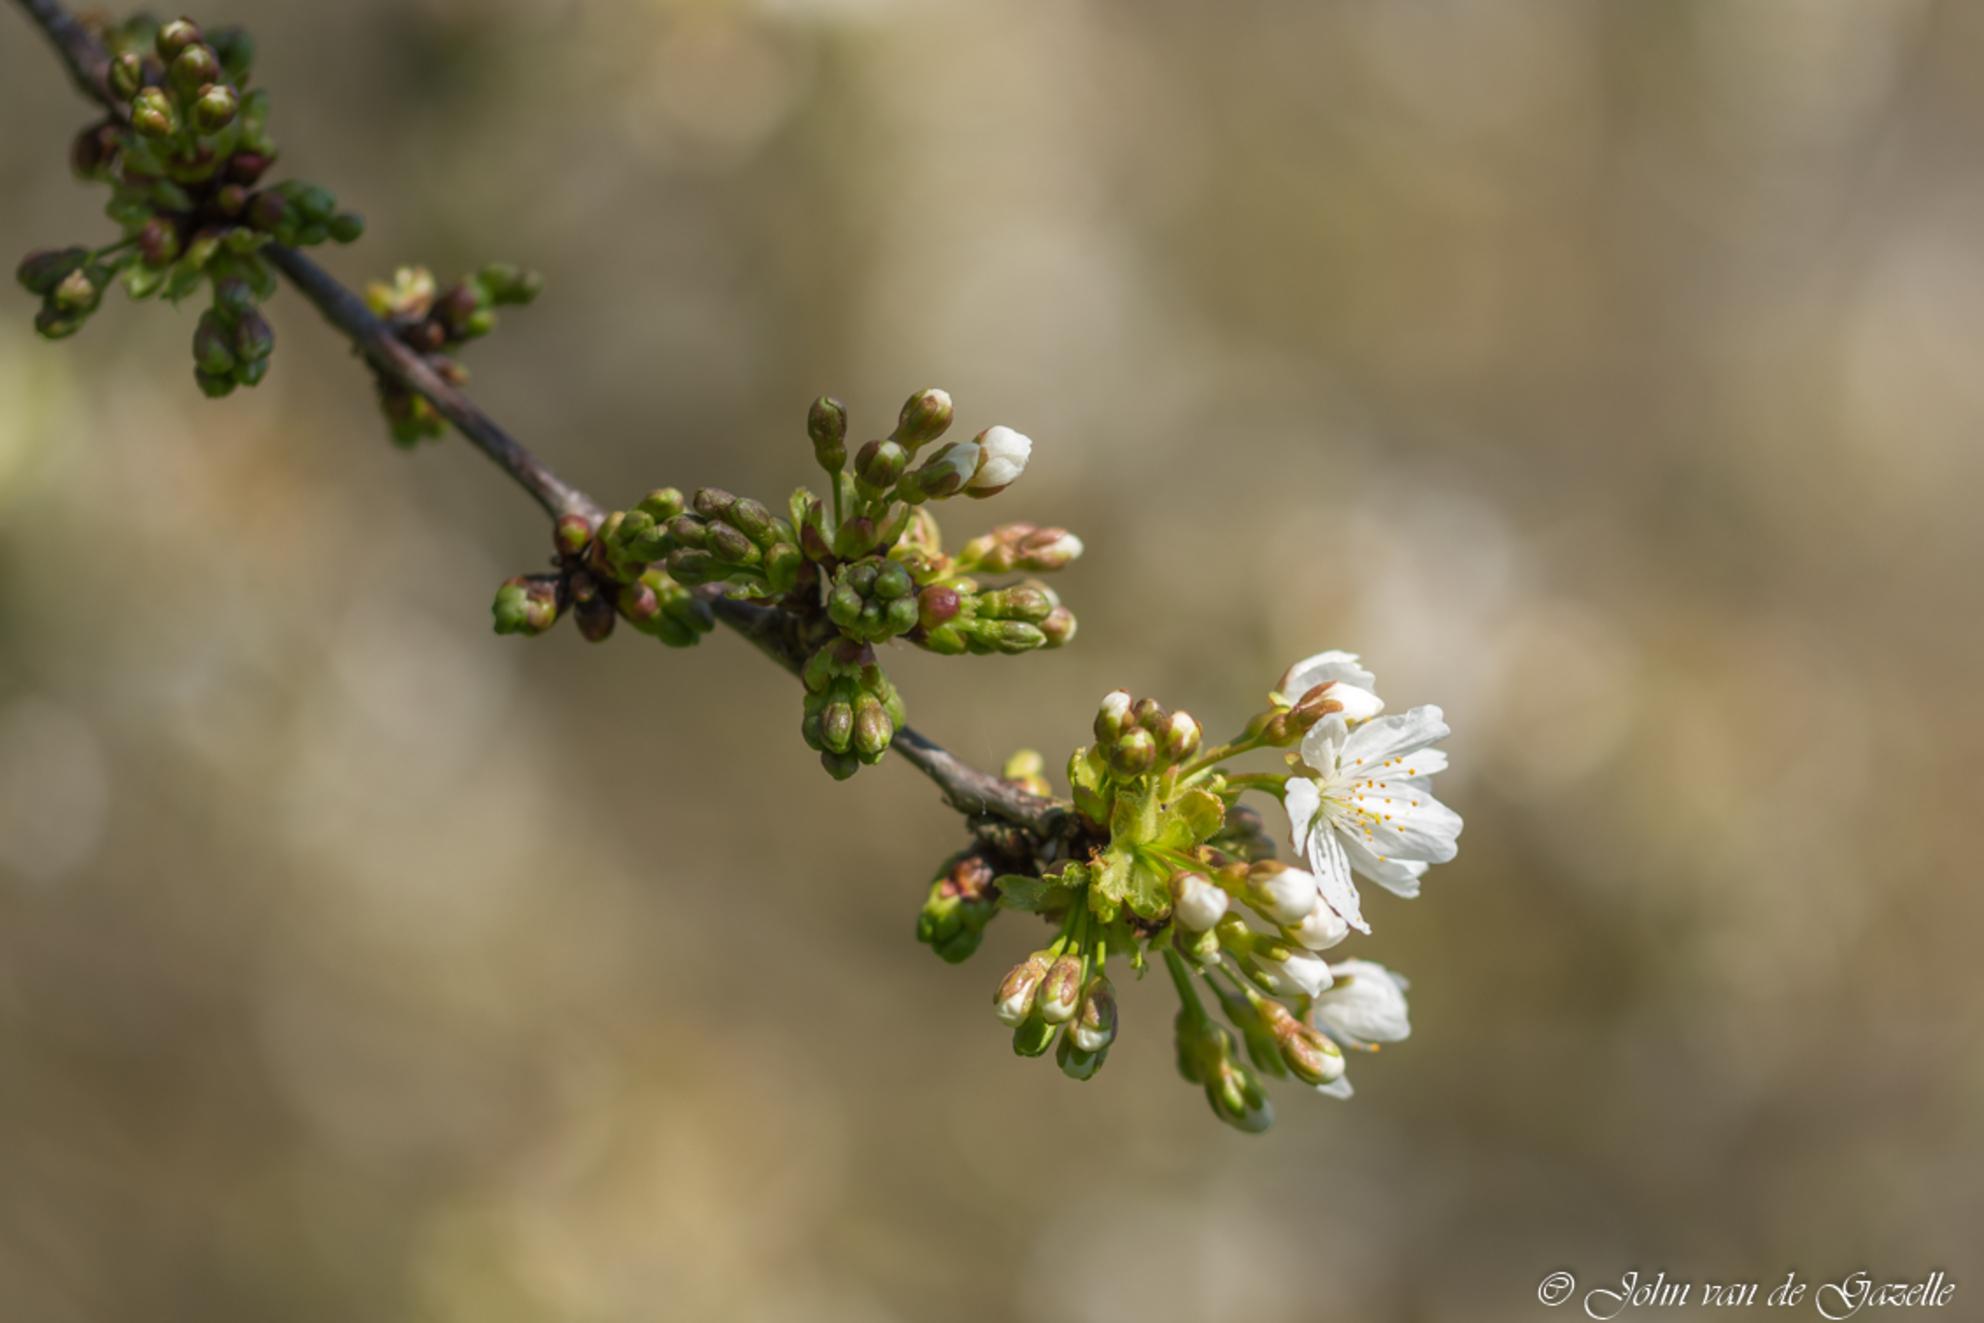 Lente bloesem met bokeh - Bloeiende bloesem in de lente. Deze opname heb ik in natuur gebied De Doort te Echt. gemaakt.  Bedankt, voor jullie fijne reacties. Groet, John. - foto door JvandeGazelle op 08-04-2021 - deze foto bevat: john van de gazelle, echt,, de doort, werk aan de muur, bloesem, fruitboom, lente, bokeh, dof, wit, sfeervol, macro, fotografie, natuur, natuurfotografie, close-up, wadm, zoom.nl, voorjaar, vrolijk, fabriek, bloem, afdeling, takje, bloemblaadje, bloeiende plant, boom, terrestrische plant, onderstruik, bloesem